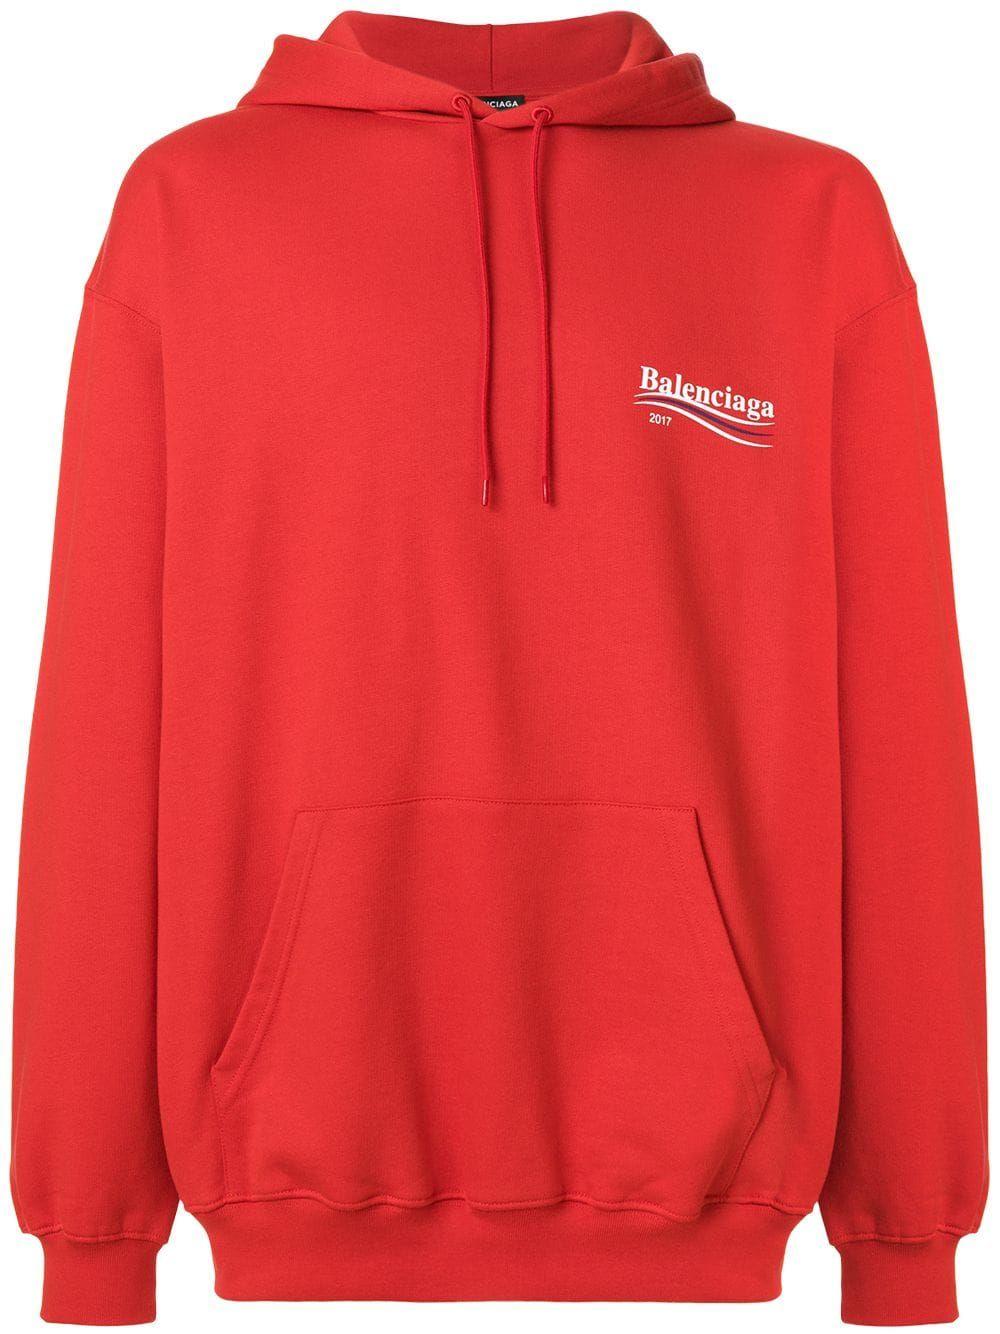 55bf18081a BALENCIAGA BALENCIAGA BALENCIAGA 2017 HOODIE - RED. #balenciaga #cloth